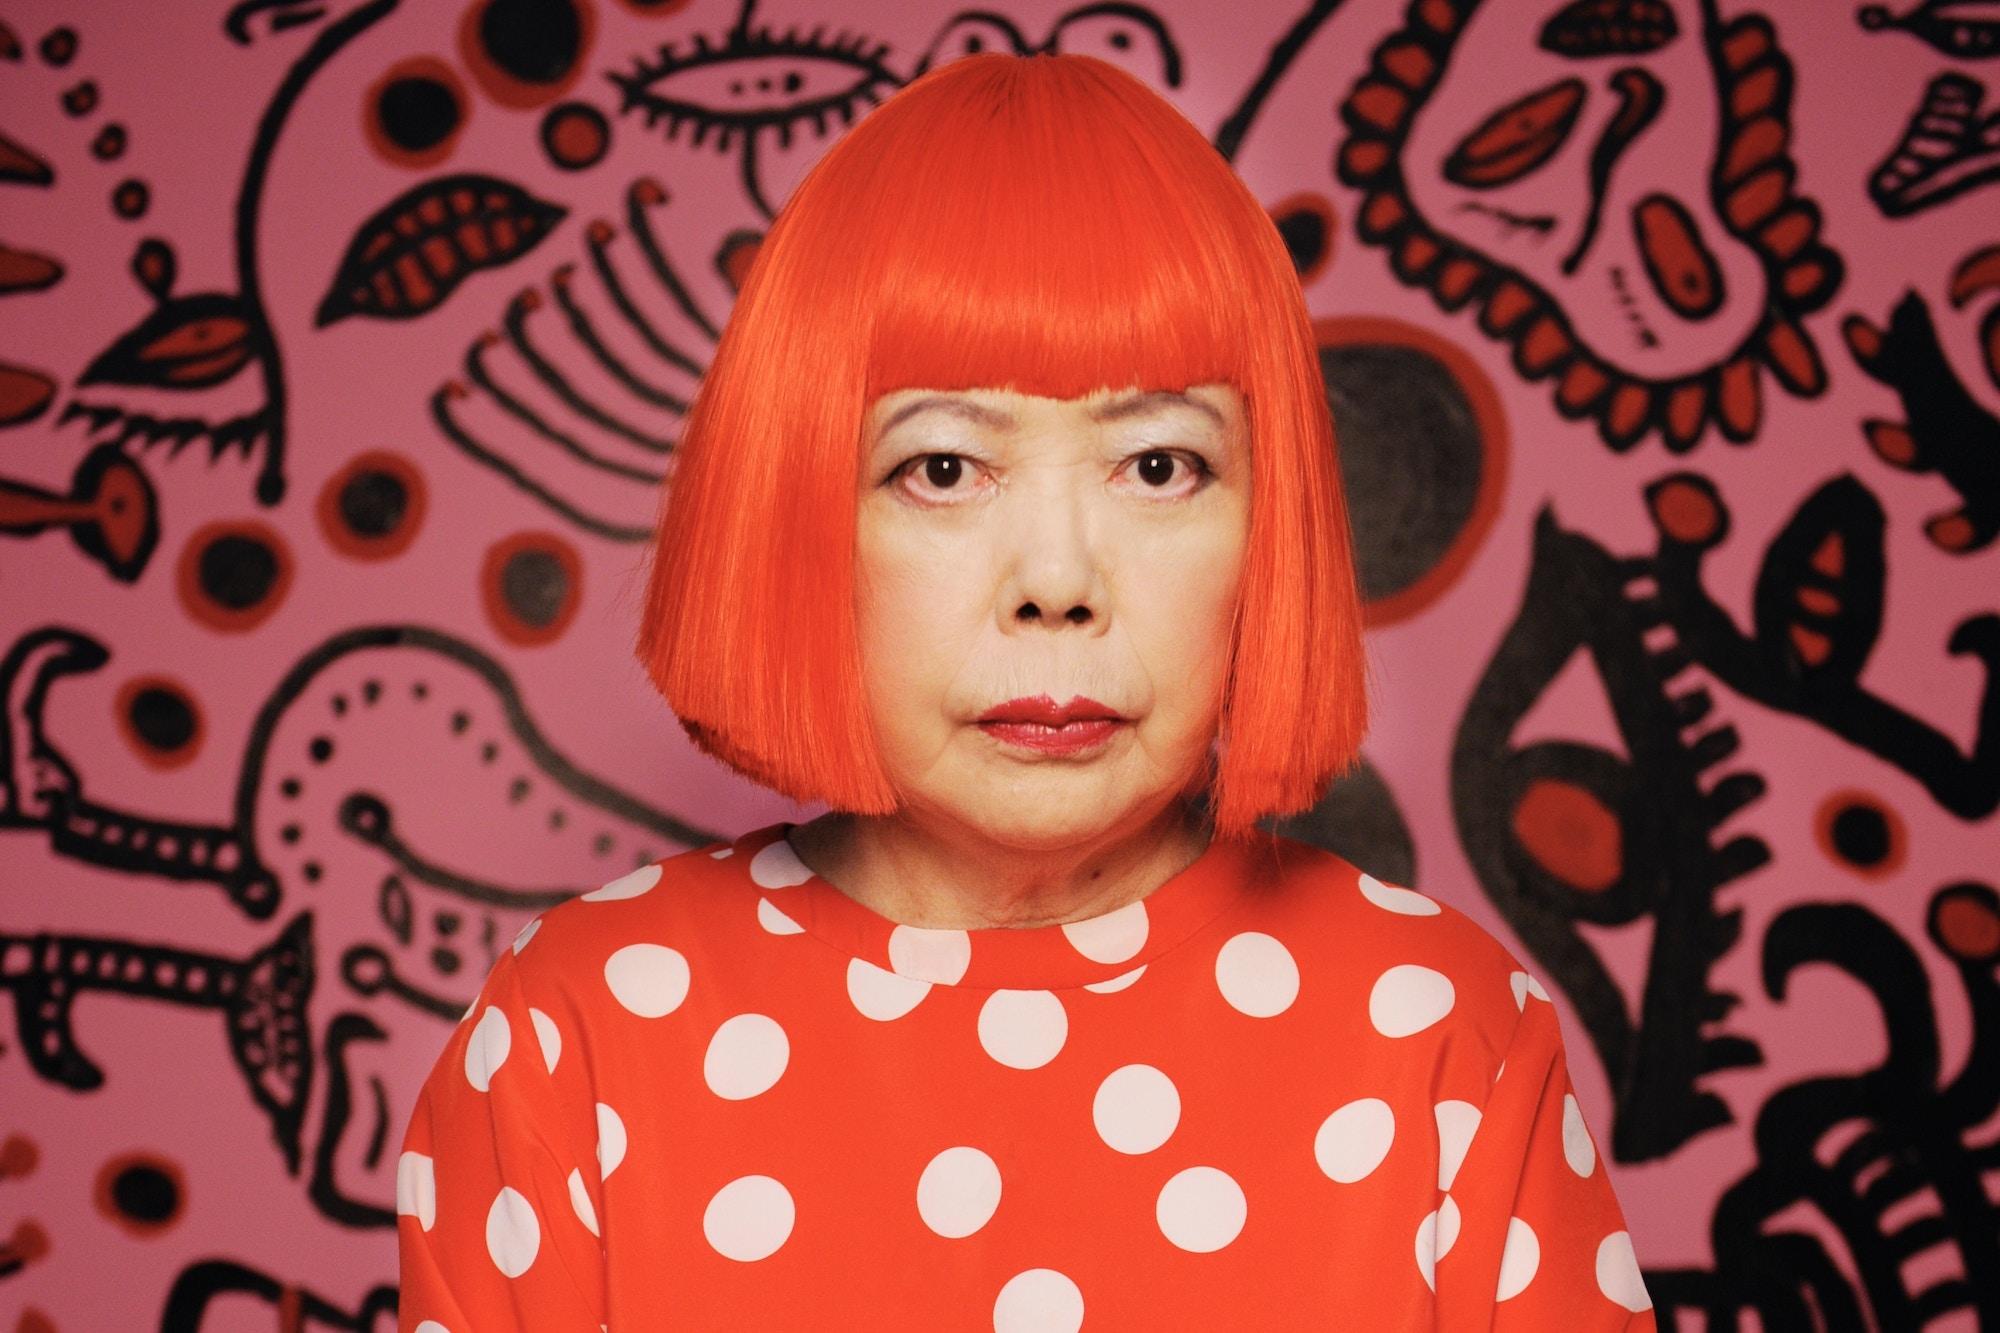 Portrett av kunstneren Yayoi Kusama. Rødt hår, bob og pannelugg.